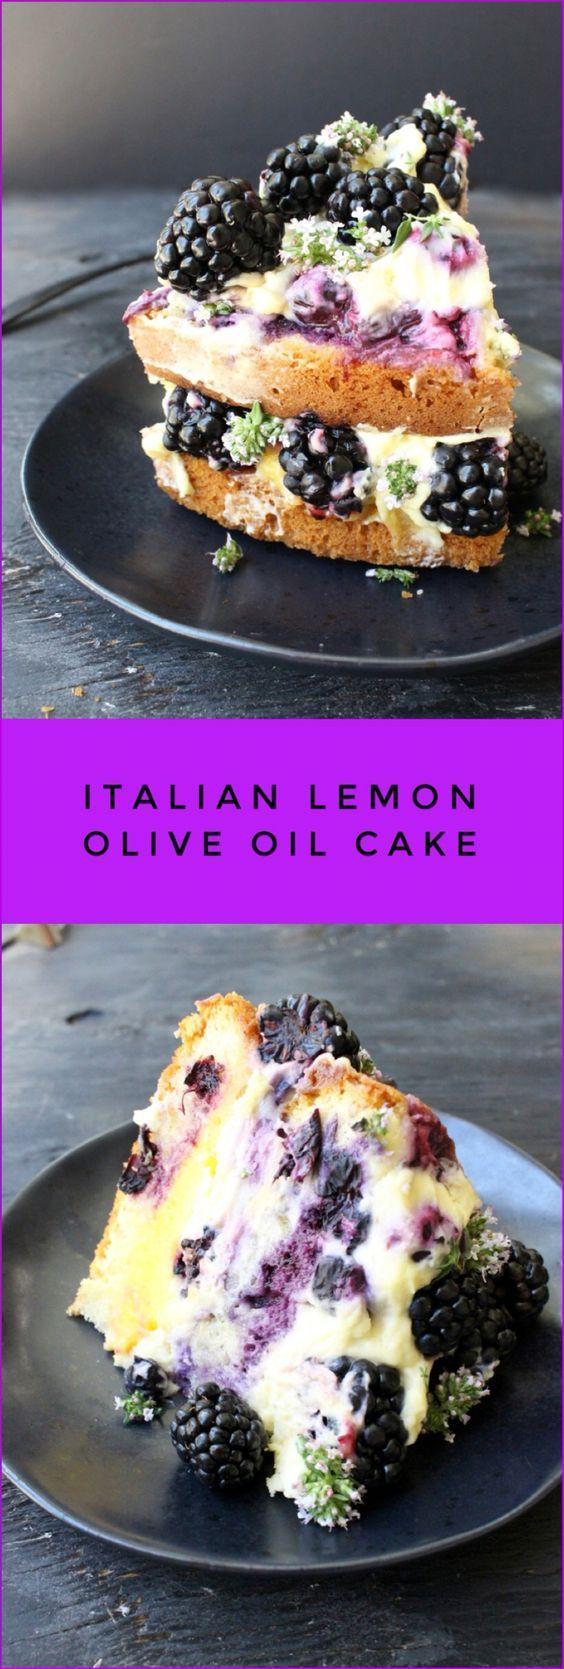 Italian Lemon Olive Oil Cake